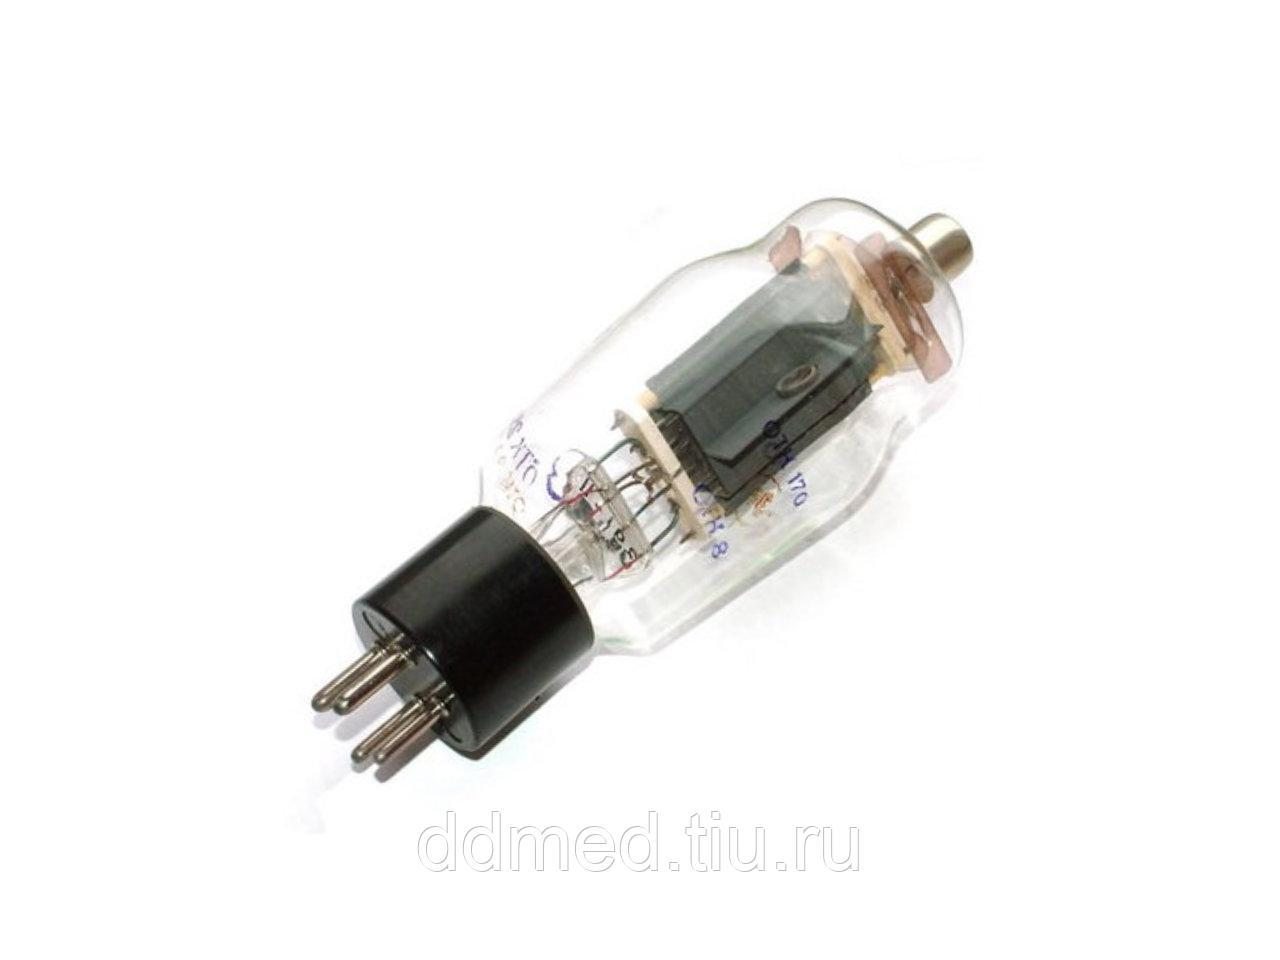 Лампа генераторная Г811 для аппарата УВЧ-80